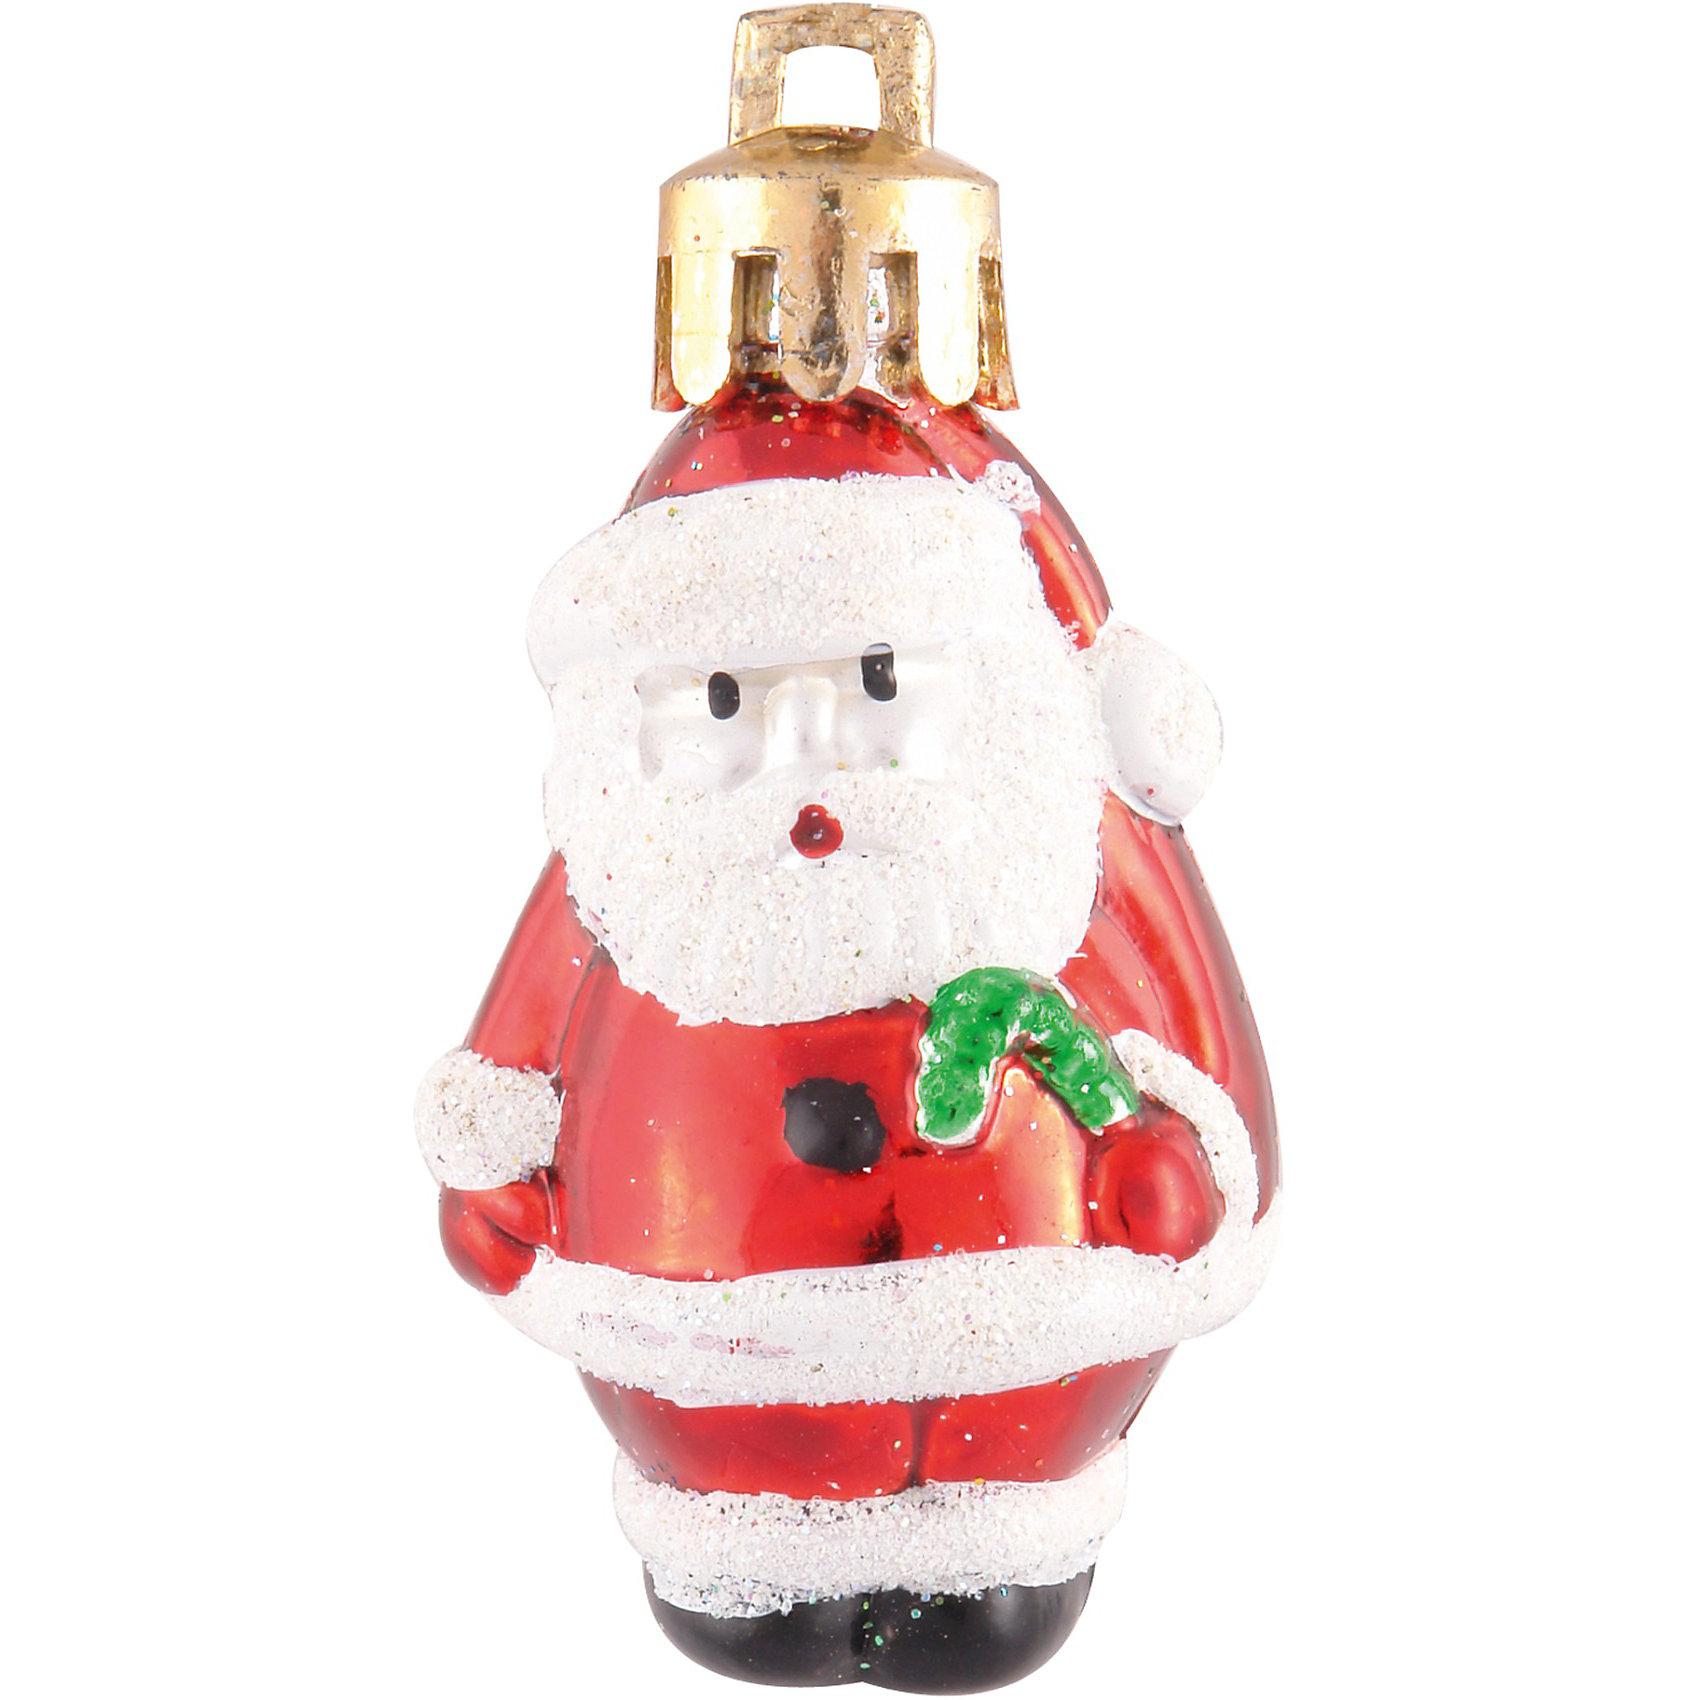 Шары в наборе «Санта» (3 шт, диаметр 4 см), в ассортиментеНовый год невозможно представить без нярядной елки. Яркие украшения в виде забавных дедов морозов создадут праздничный наряд новогодней красавице и подарят всей семье хорошее настроение<br><br>Дополнительная информация:<br>- в комплекте 3 подвесных украшения на елку «Санта» <br>- цвета в ассортименте: синий и красный<br>- Диаметр: 4 см <br>- Материал: пластик<br><br>Внимание: цвета в ассортименте. К сожалению, выбрать определенный цвет заранее не представляется возможным. При заказе нескольких единиц могут прийти одинаковые товары.<br><br>Шары в наборе «Санта» (3 шт, диаметр 4 см) можно купить в нашем магазине.<br><br>Ширина мм: 550<br>Глубина мм: 300<br>Высота мм: 300<br>Вес г: 15<br>Возраст от месяцев: 36<br>Возраст до месяцев: 216<br>Пол: Унисекс<br>Возраст: Детский<br>SKU: 3807510